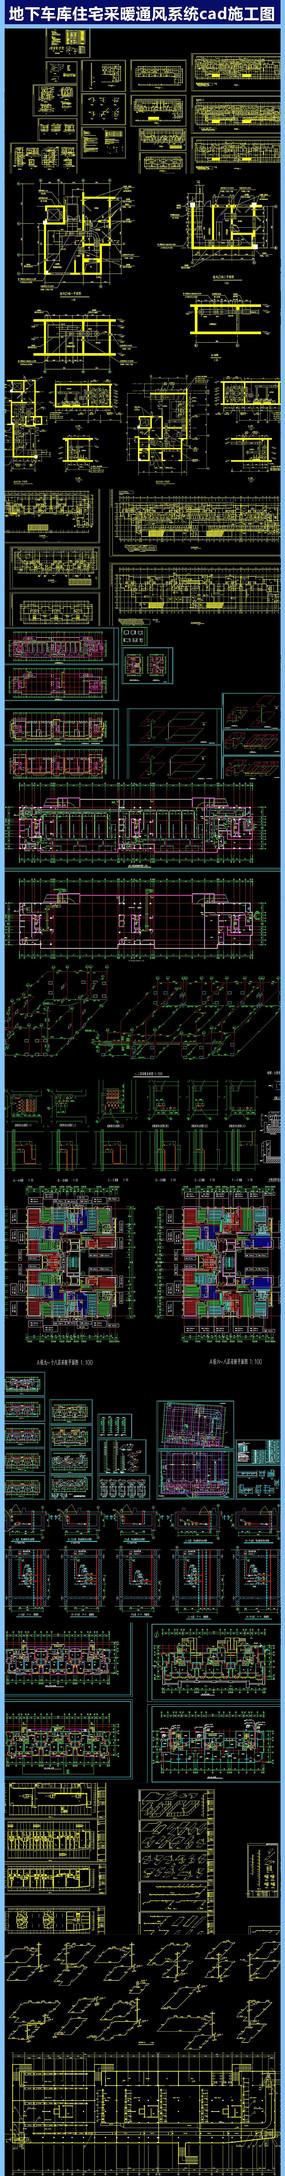 地下车库住宅采暖通风系统cad施工图